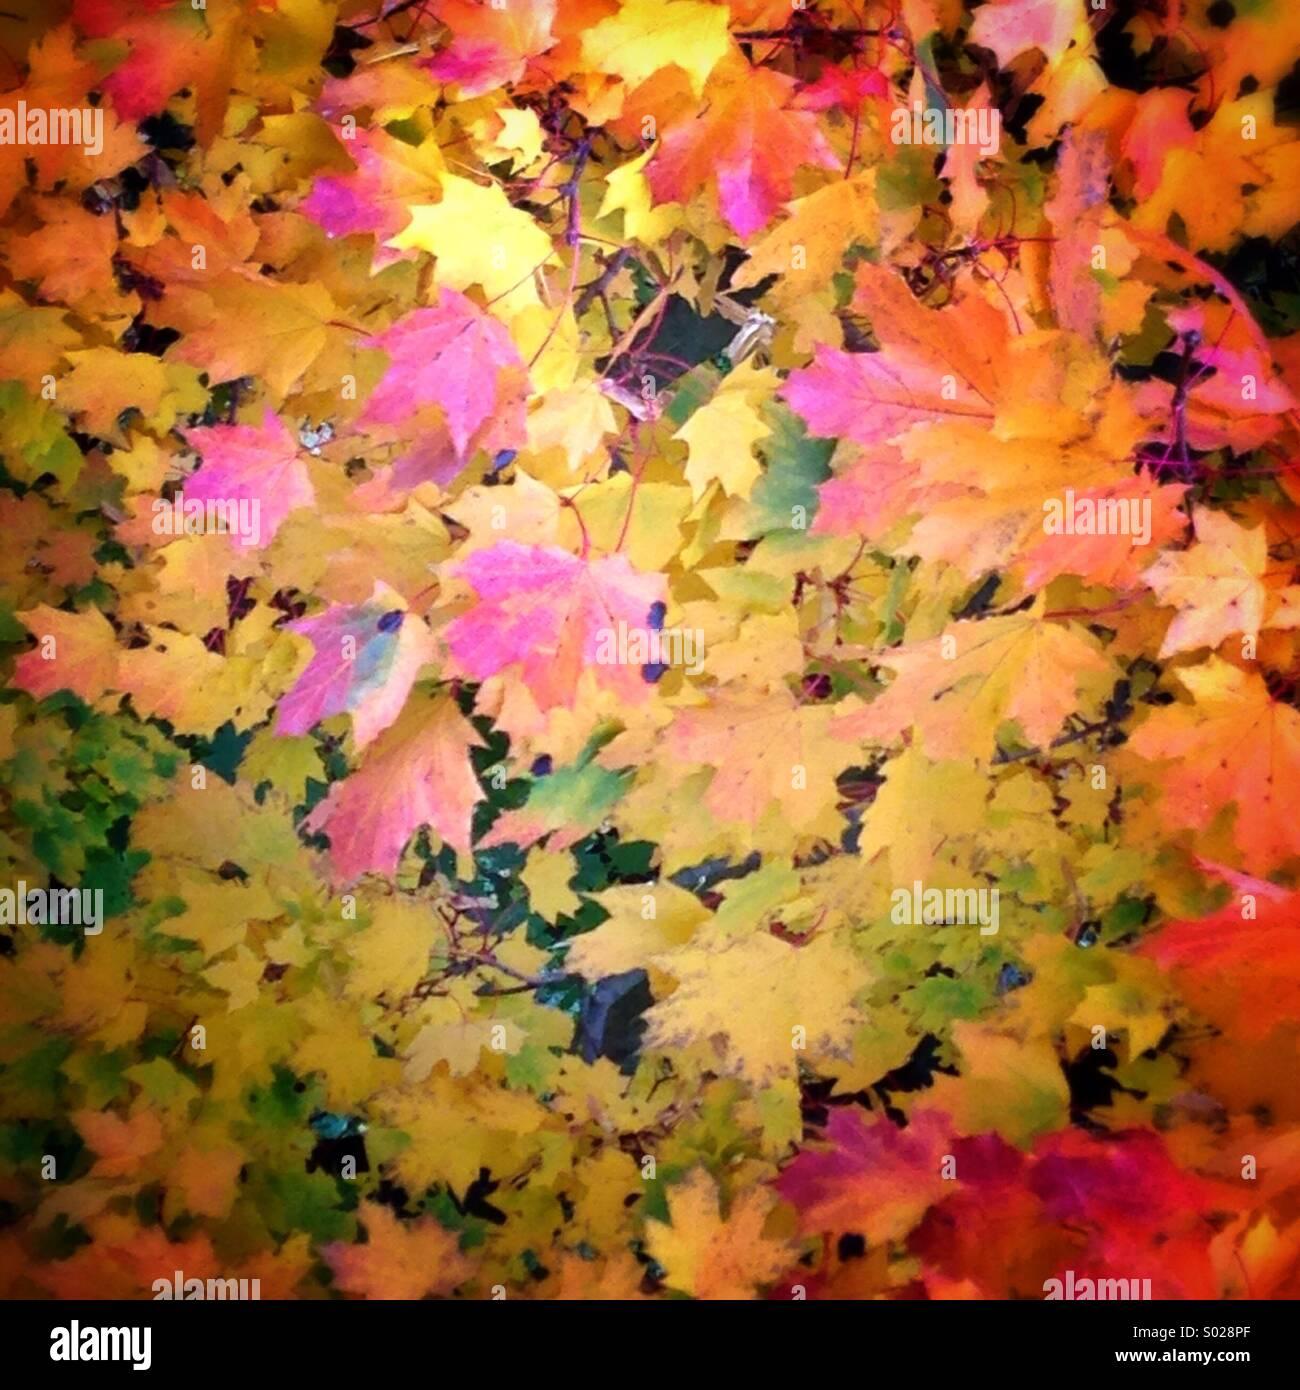 Couleurs d'automne émanent de la feuilles des arbres dans un champ au nord de la Pologne. Photo Stock